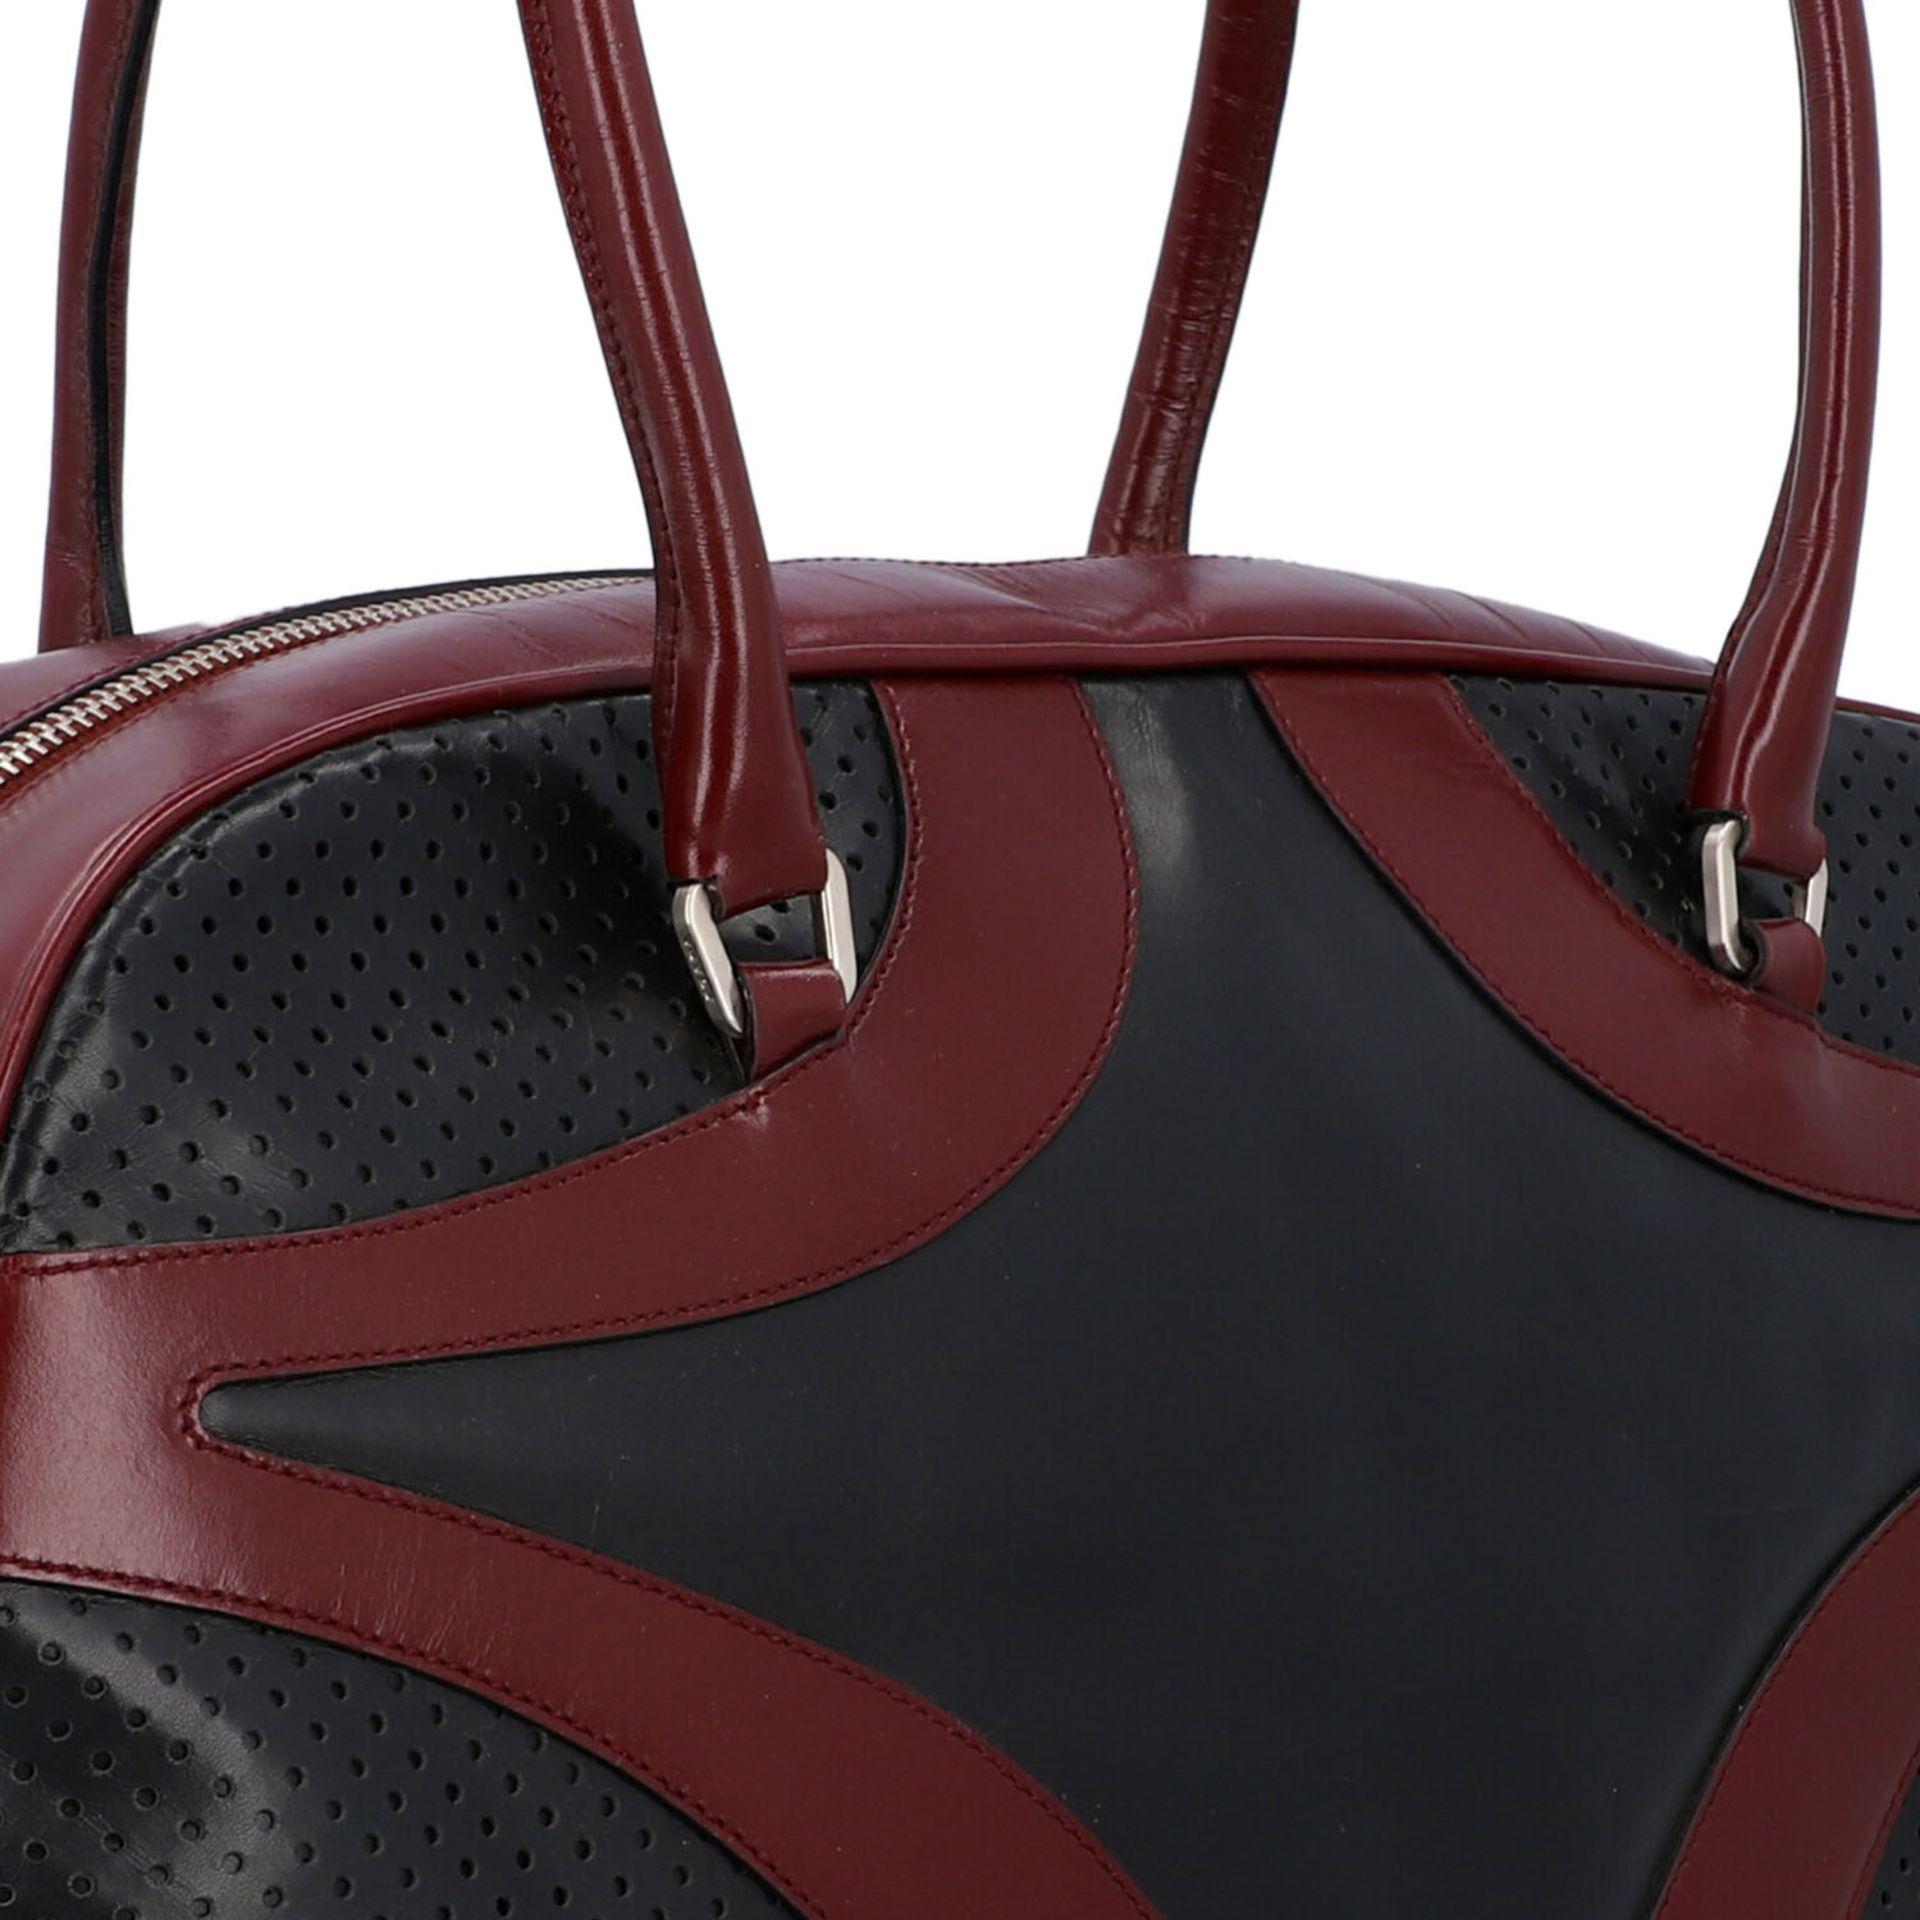 PRADA Handtasche. Glattleder in Schwarz und Bordeaux mit silberfarbener Hardware, umla - Image 8 of 8